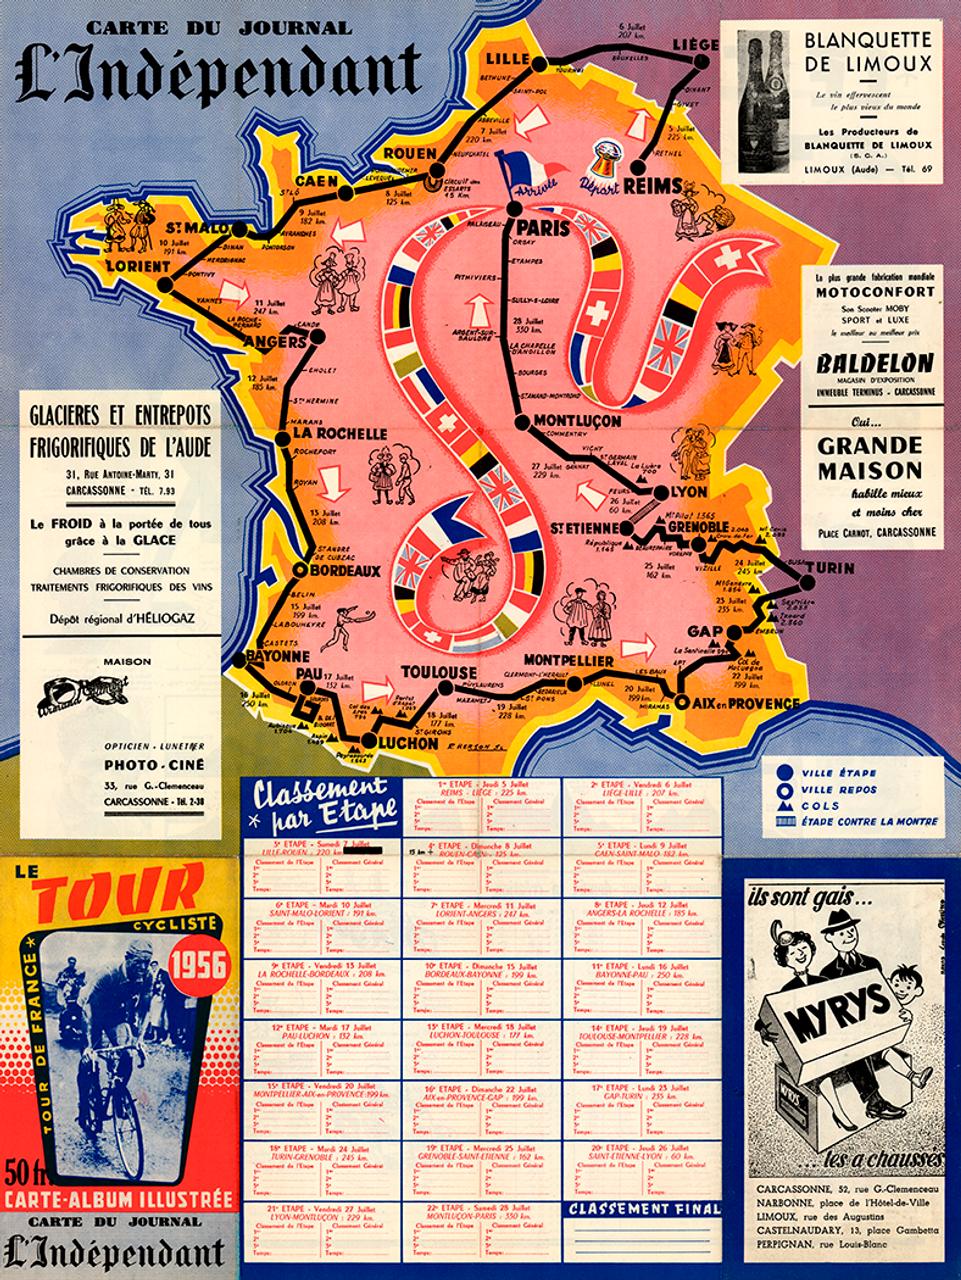 1956 Tour de France Map Poster